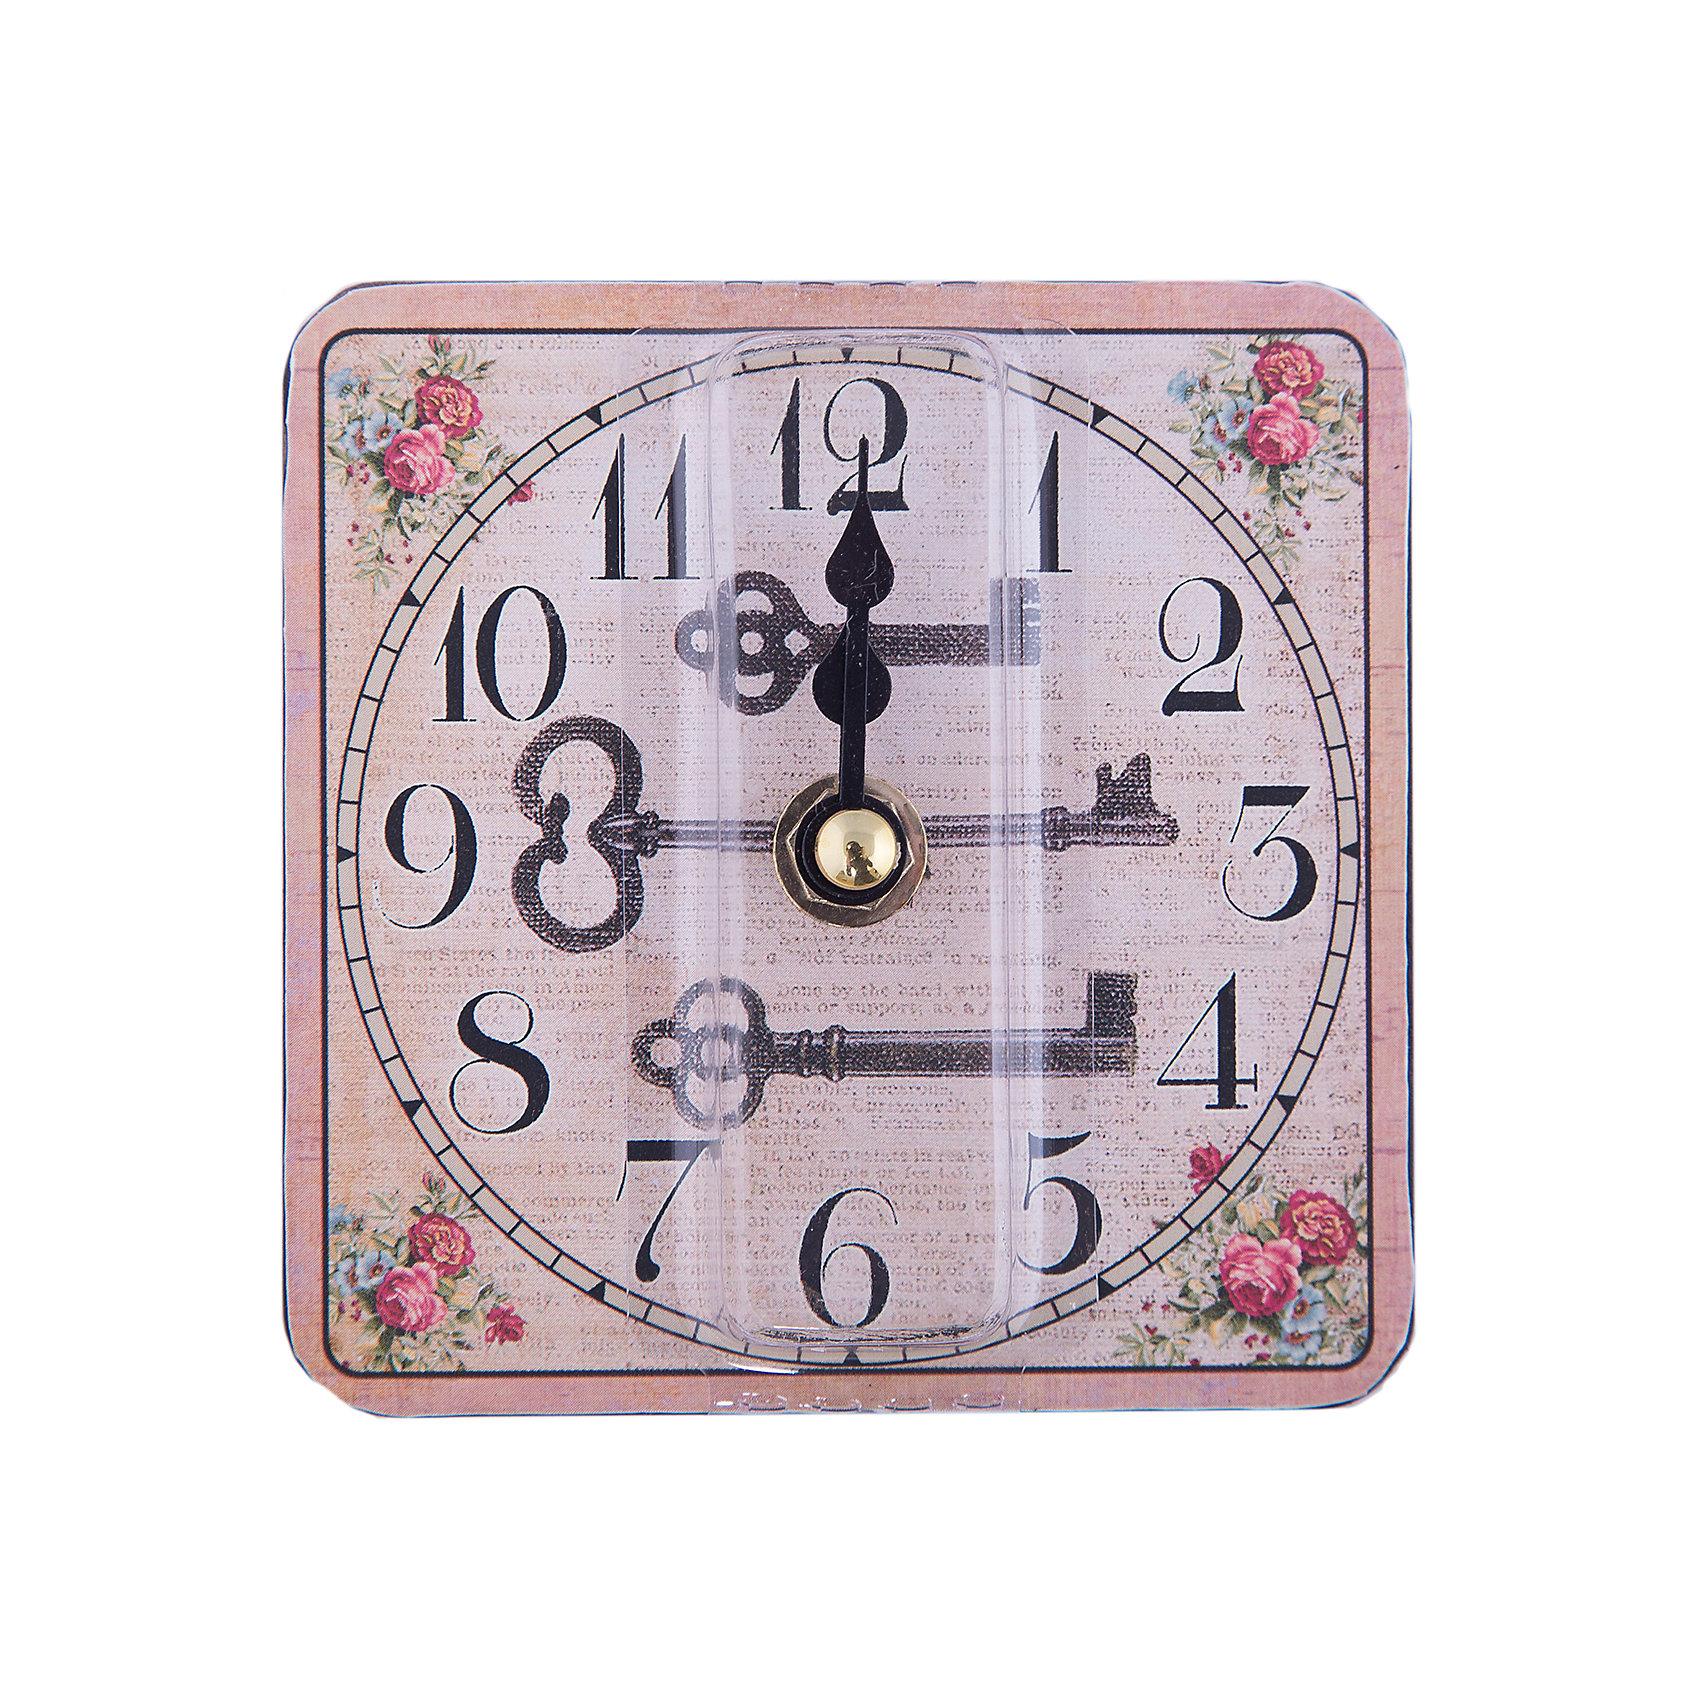 Часы настольные Волшебный ключик кварцевые, с циферблатом, Феникс-ПрезентПредметы интерьера<br>Часы настольные Волшебный ключик кварцевые, с циферблатом, Феникс-Презент<br><br>Характеристики:<br><br>• яркий рисунок<br>• тип часов: кварцевые<br>• размер: 10х10 см<br>• материал: МДФ<br>• батарейки: АА - 1 шт. (не входит в комплект)<br><br>Настольные часы Волшебный ключик всегда подскажут вам точное время, а также украсят интерьер комнаты. Часы изготовлены из МДФ. Циферблат оформлен красивым рисунком с изображением ключей. На часах расположены две стрелки - минутная и часовая. Сзади располагается надежная подставка для стола.<br><br>Часы настольные Волшебный ключик кварцевые, с циферблатом, Феникс-Презент вы можете купить в нашем интернет-магазине.<br><br>Ширина мм: 100<br>Глубина мм: 100<br>Высота мм: 100<br>Вес г: 177<br>Возраст от месяцев: 120<br>Возраст до месяцев: 2147483647<br>Пол: Унисекс<br>Возраст: Детский<br>SKU: 5449703